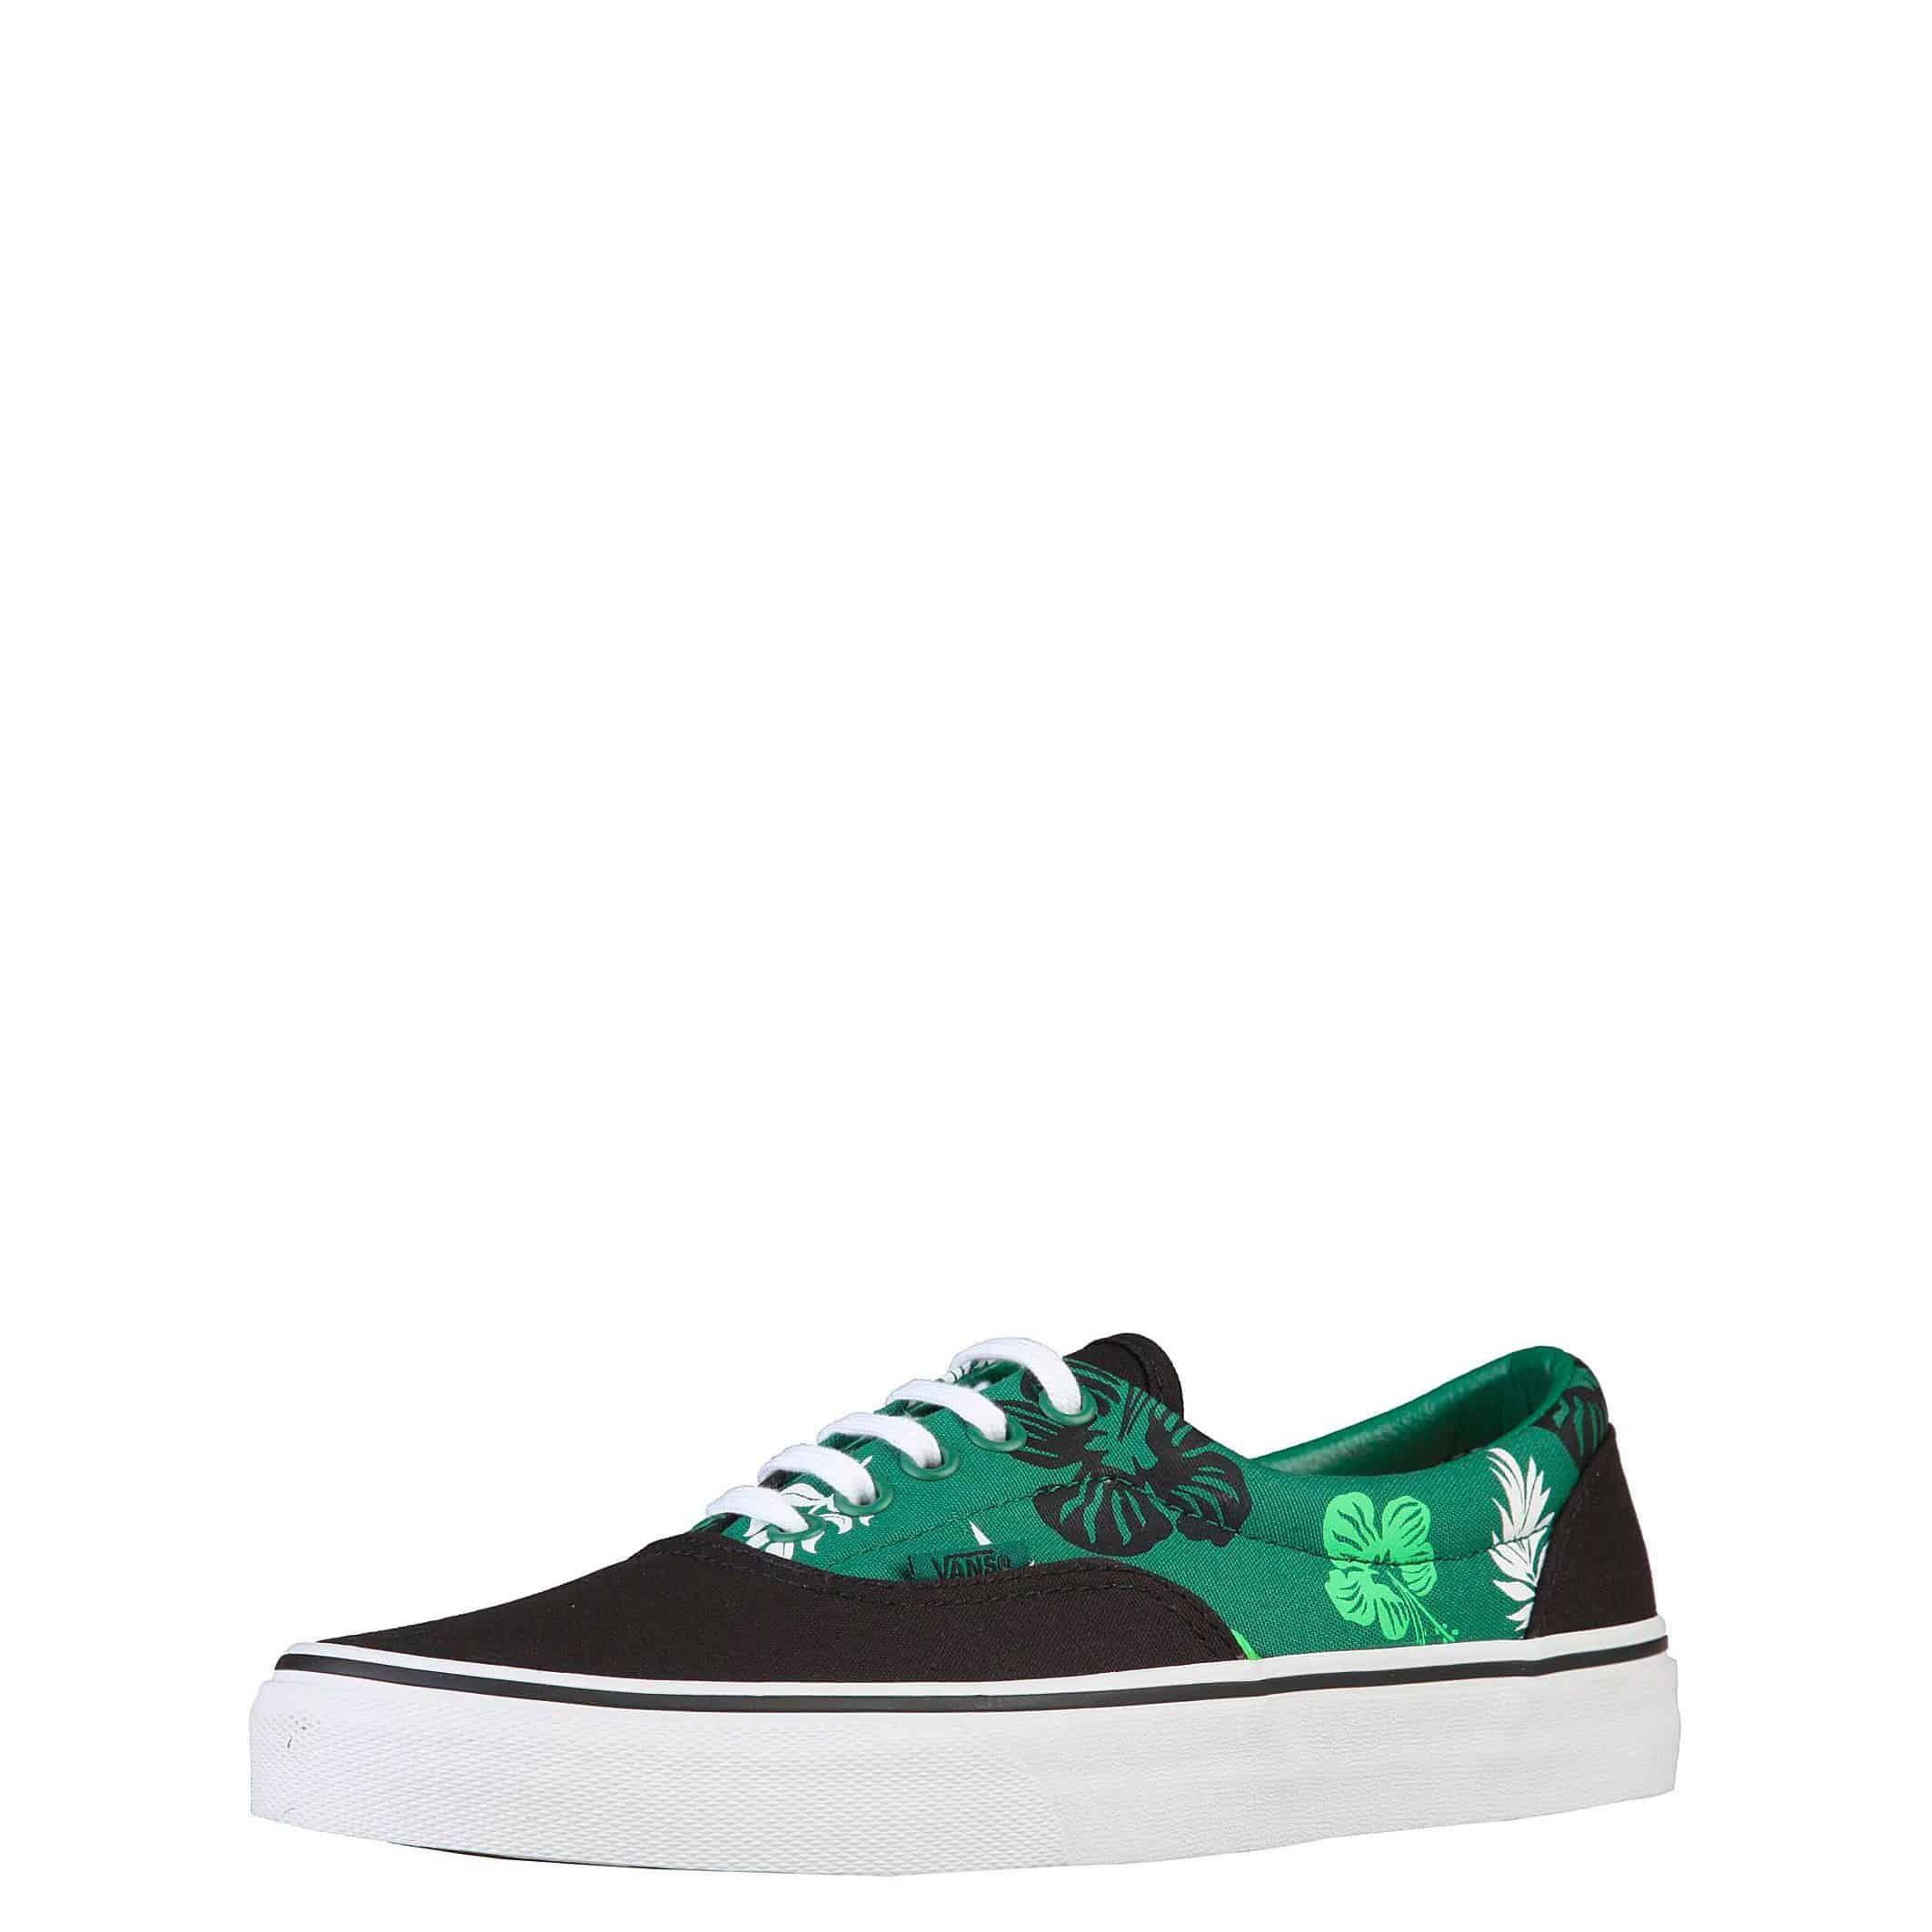 Vans – ERA – Verde